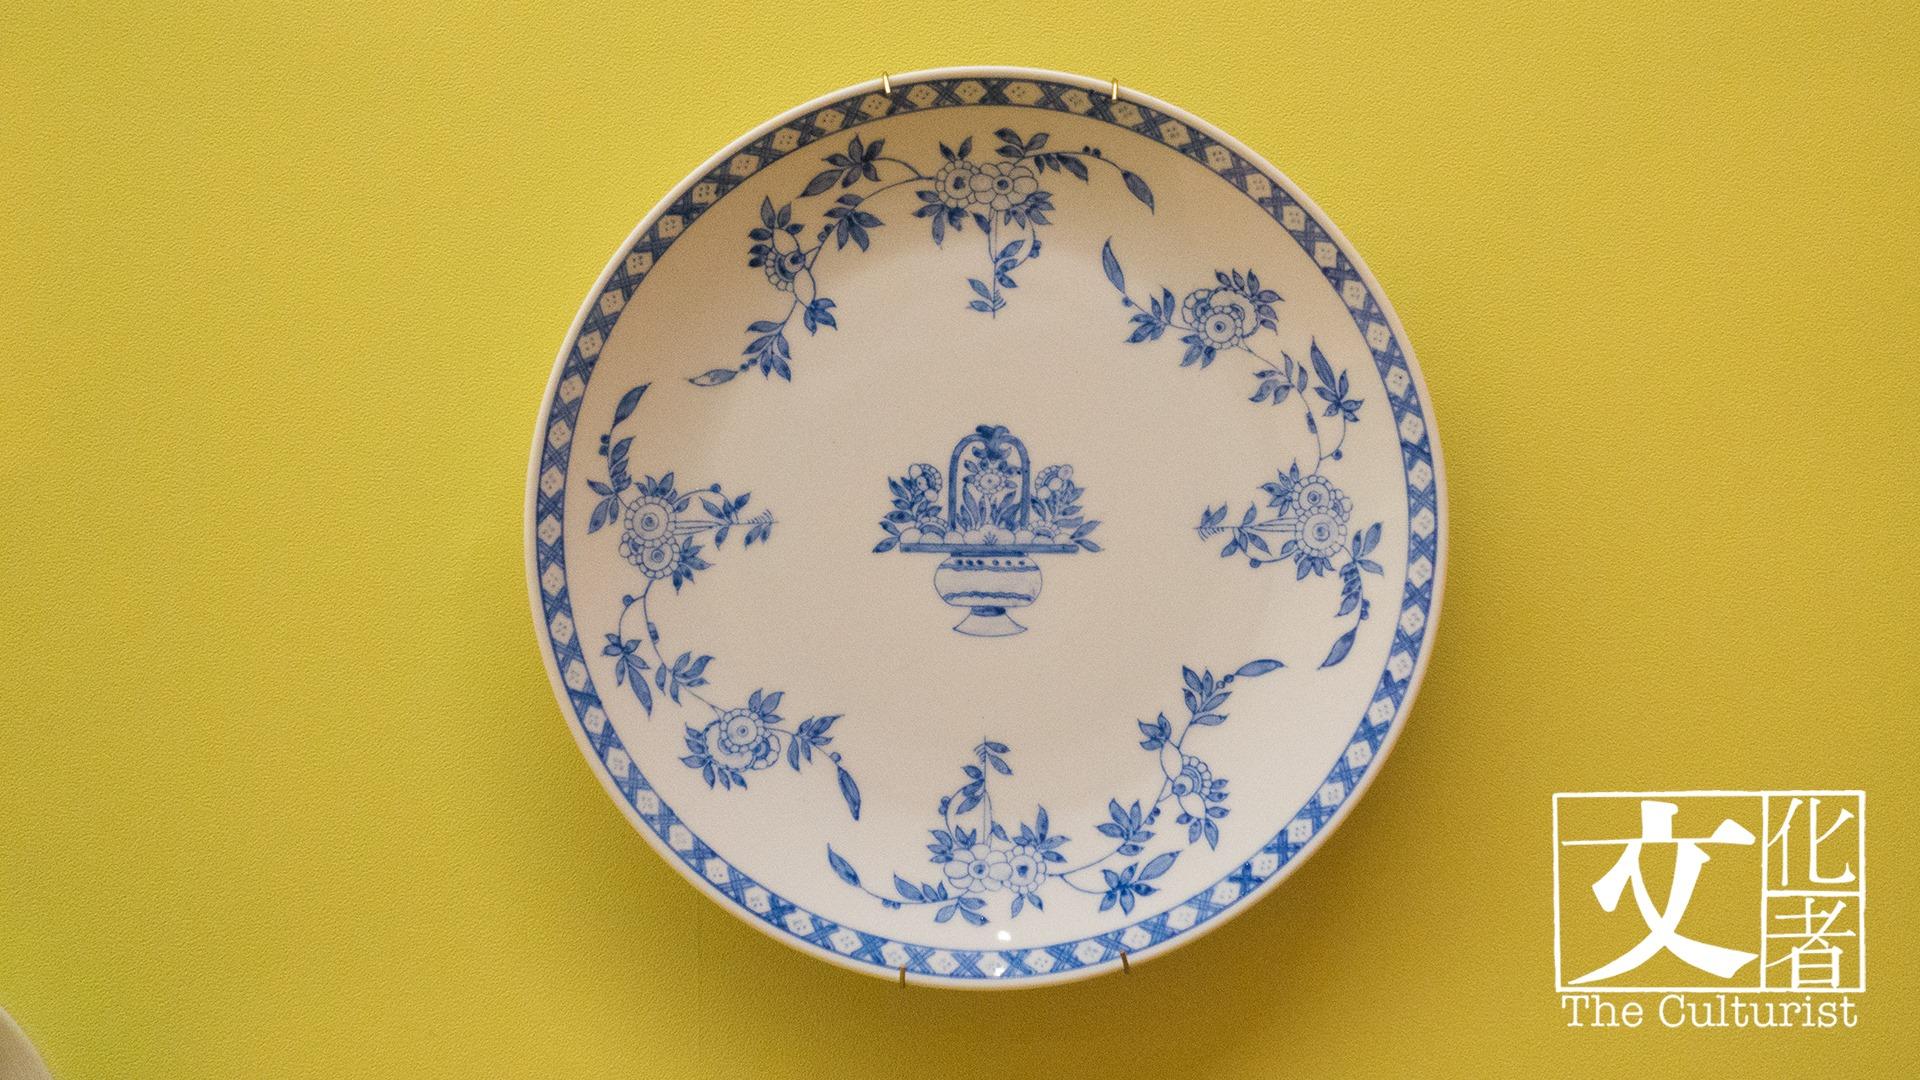 1975年督麥理浩夫人訂,百年前英國Hogarth仿造圖案 2010年譚志雄師傅全手繪仿製